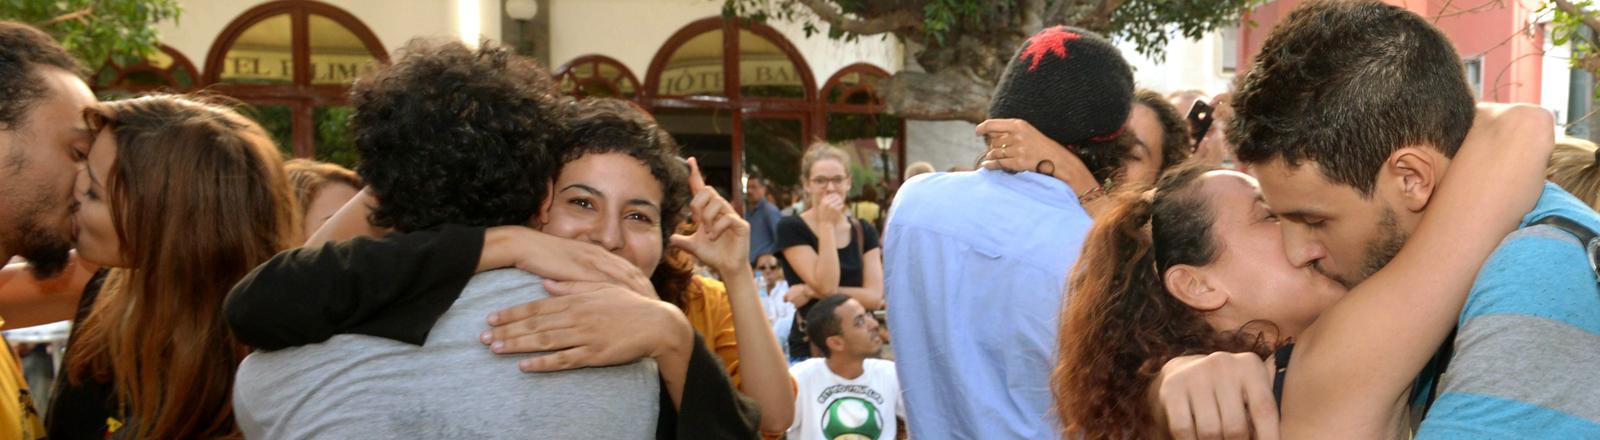 Junge marokkanische Pärchen küssen sich in der Öffentlichkeit.